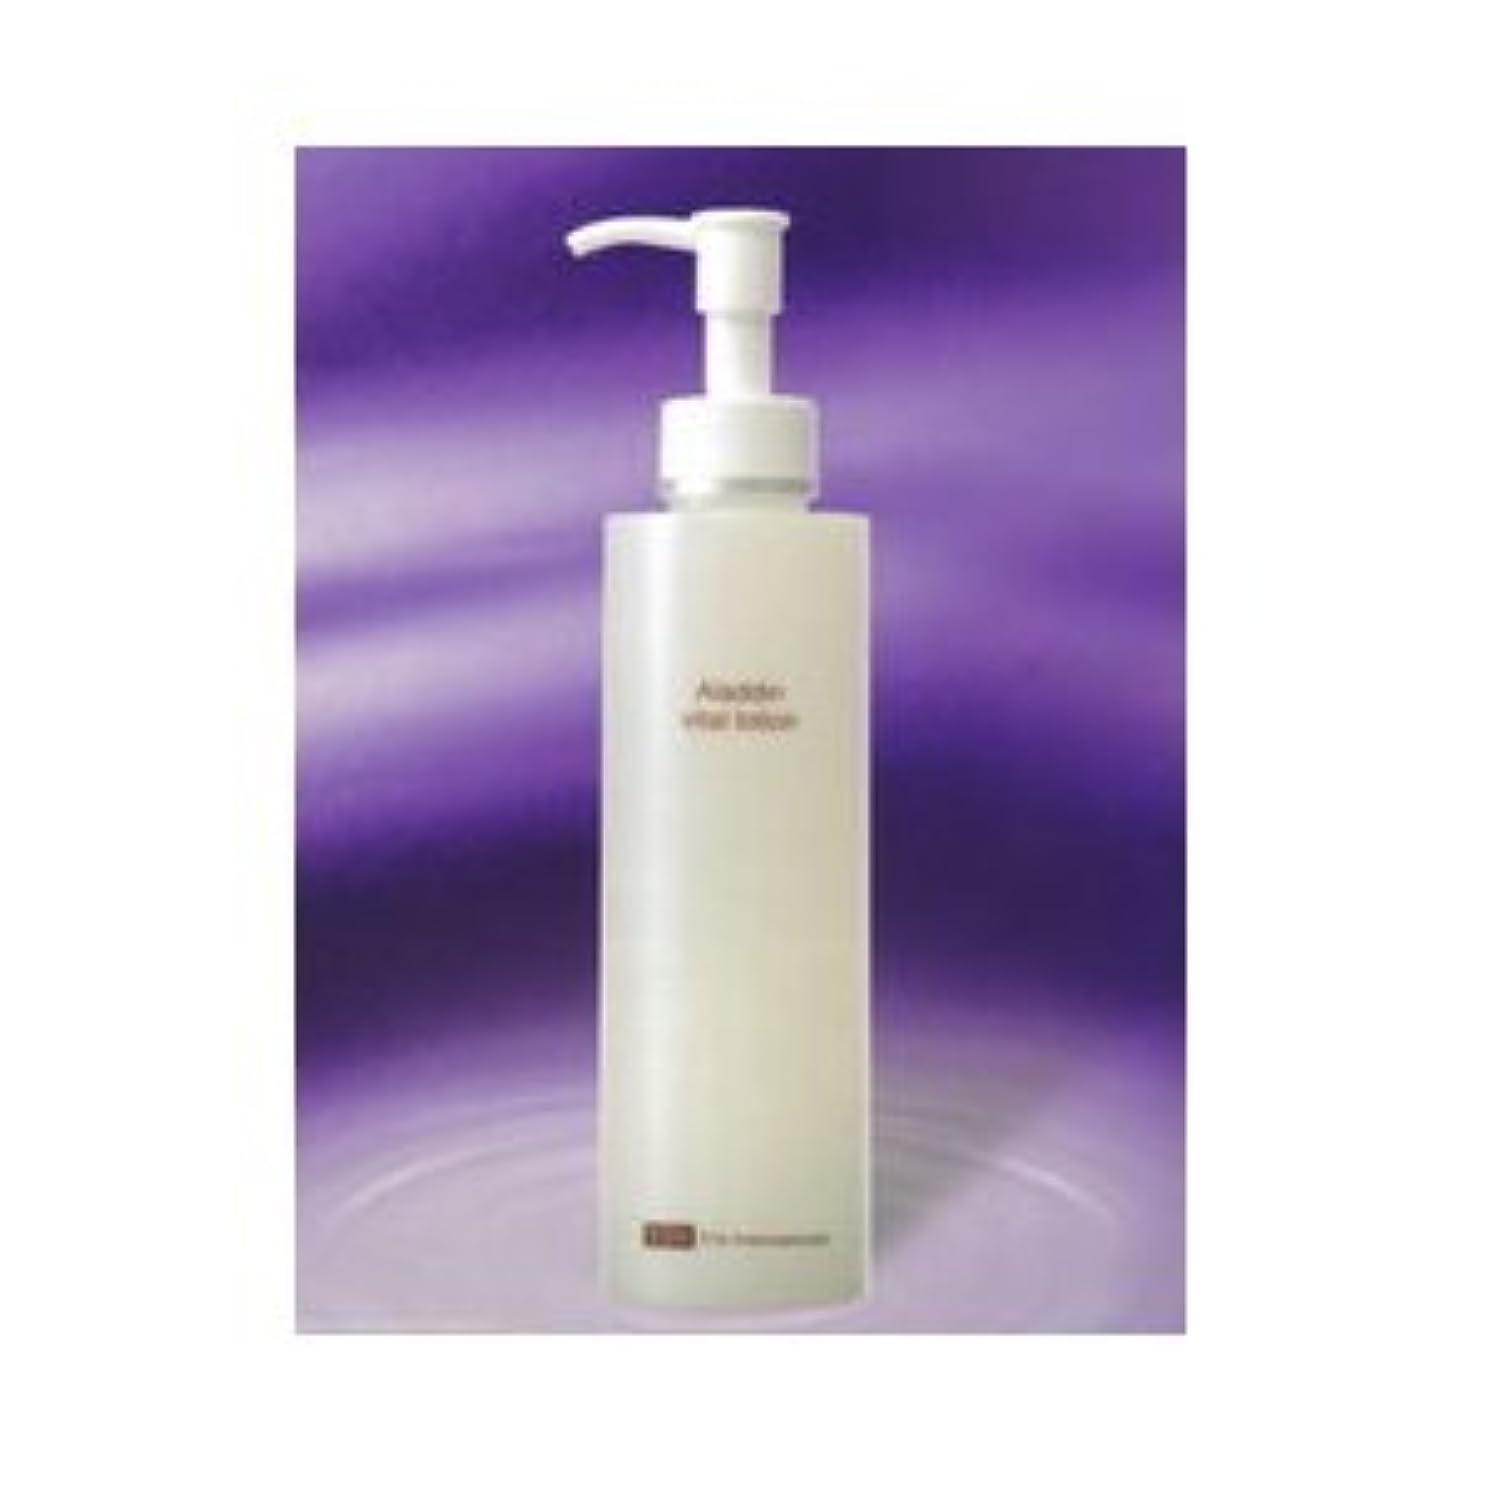 雇う倫理遵守するイオニート バイタルローション 保湿化粧水 200ml アラジンシリーズ